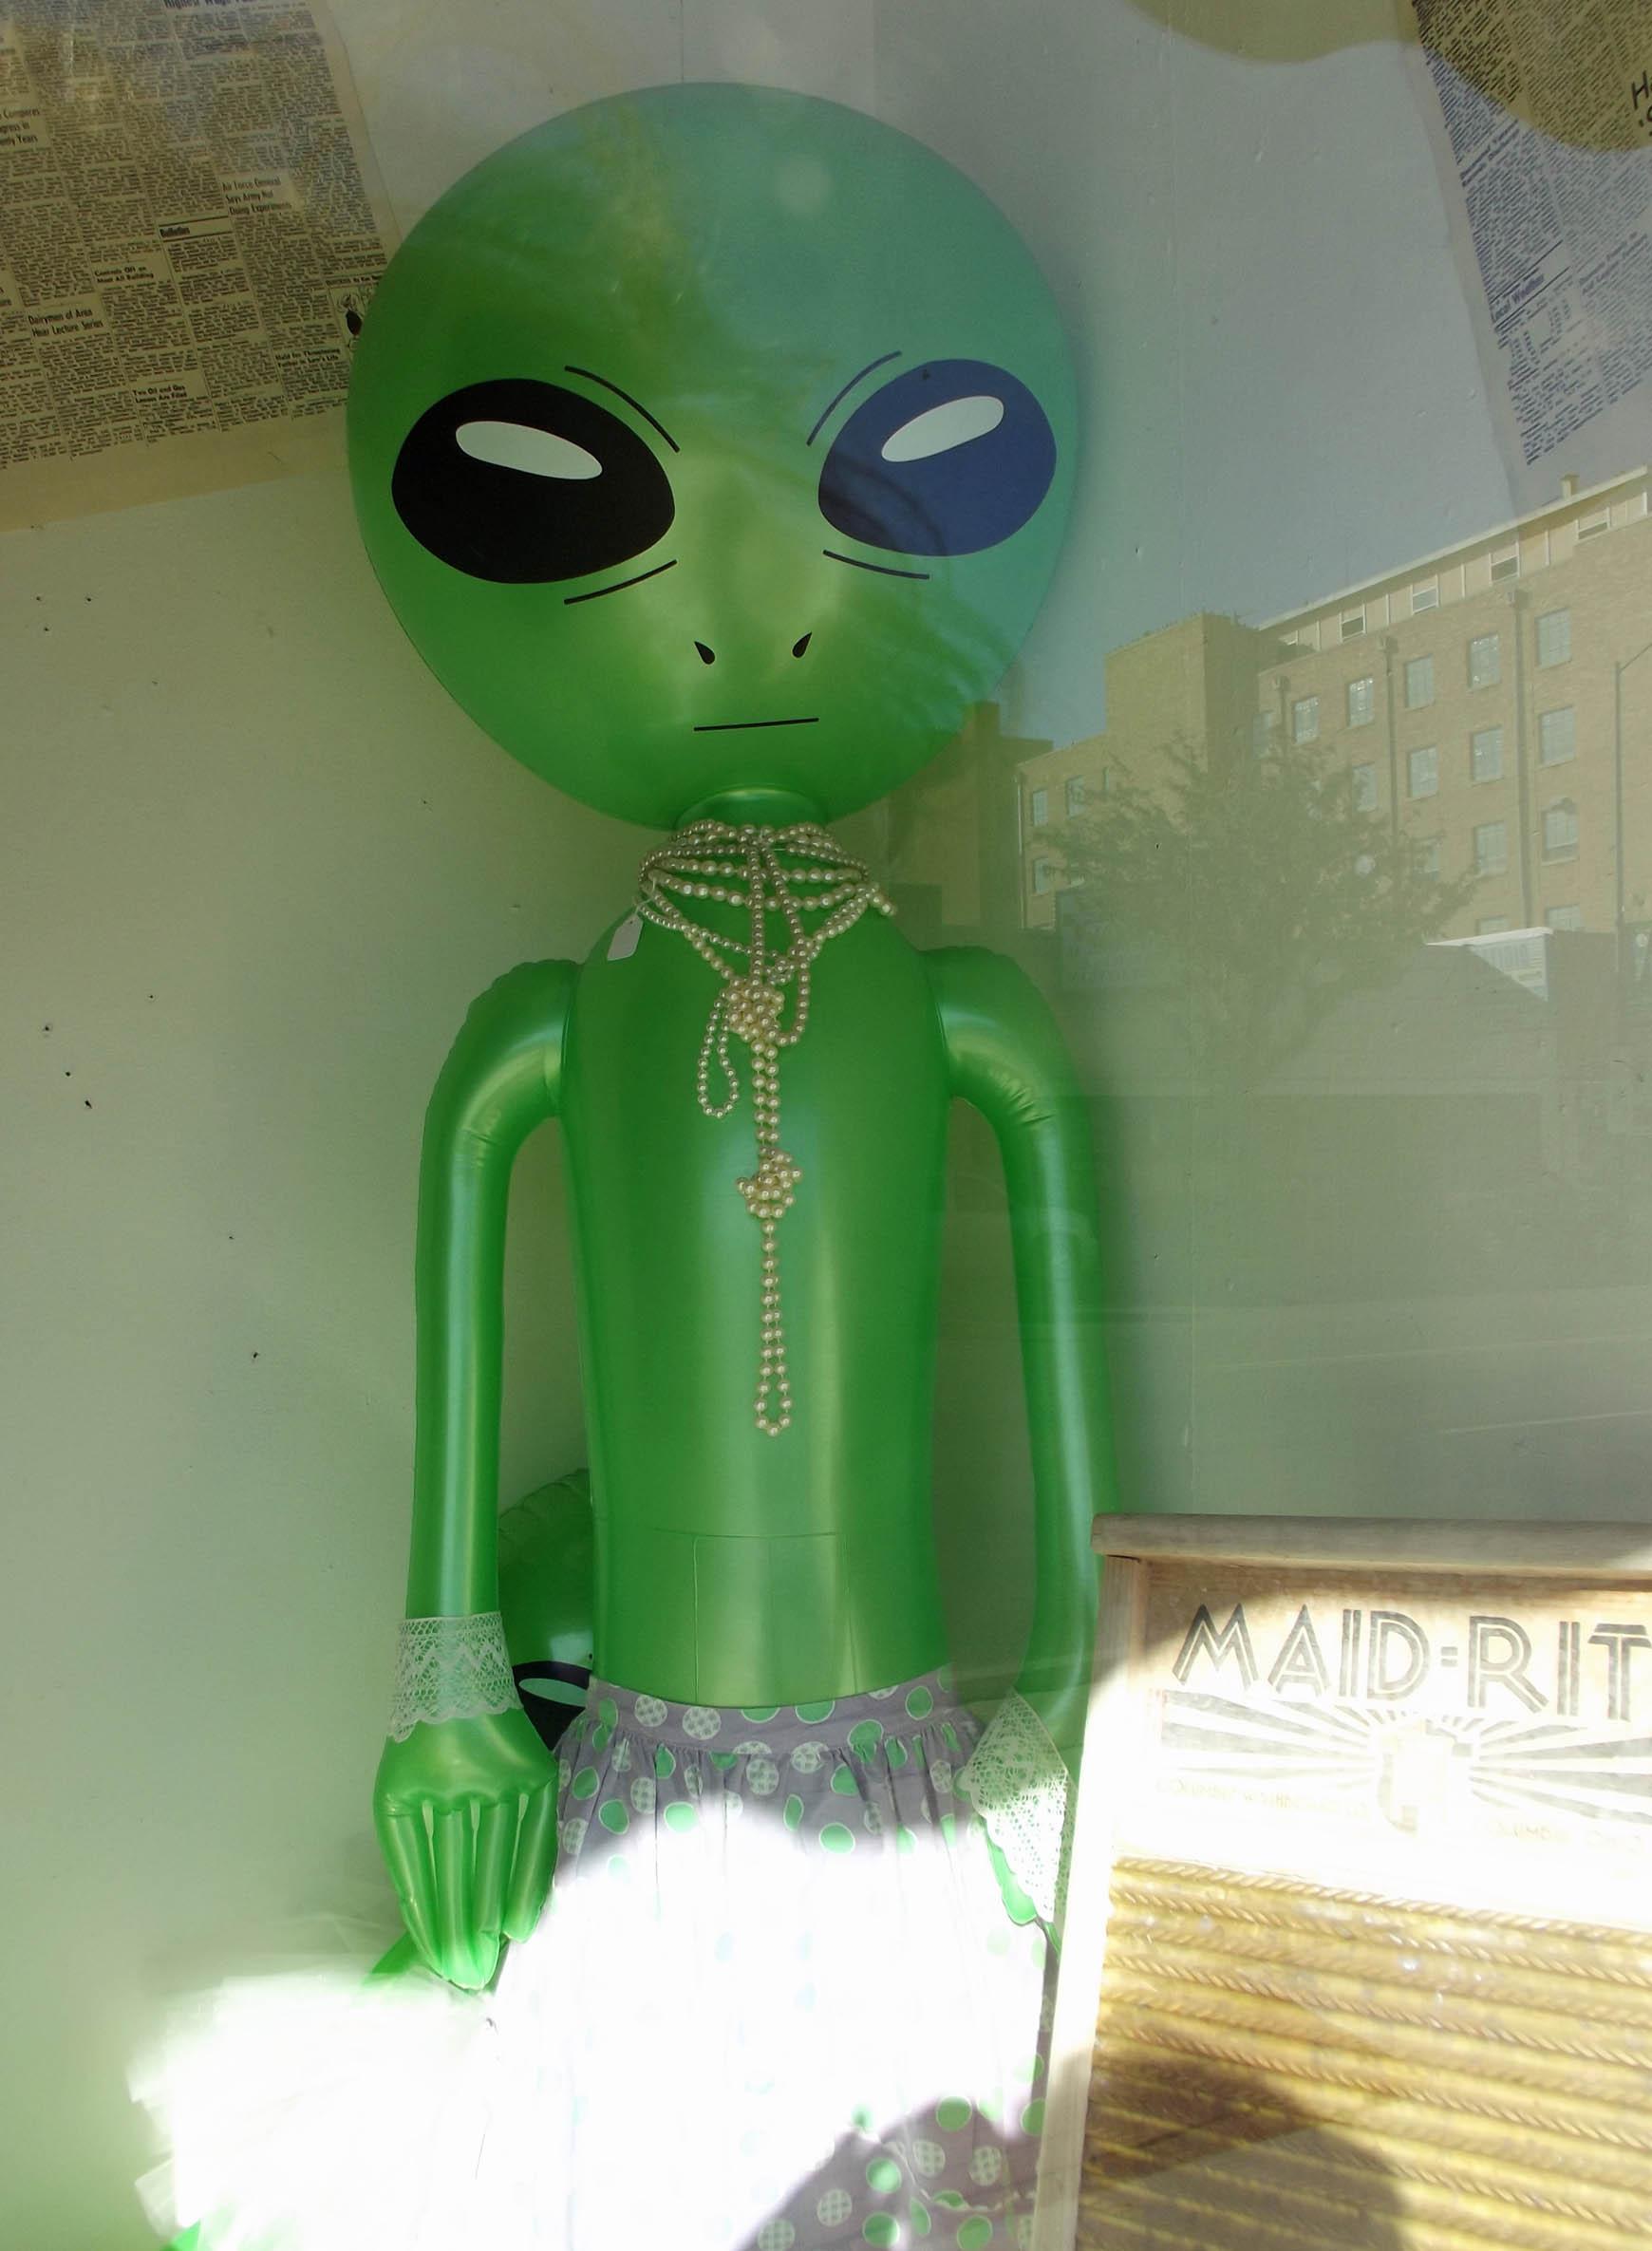 Green inflatable alien